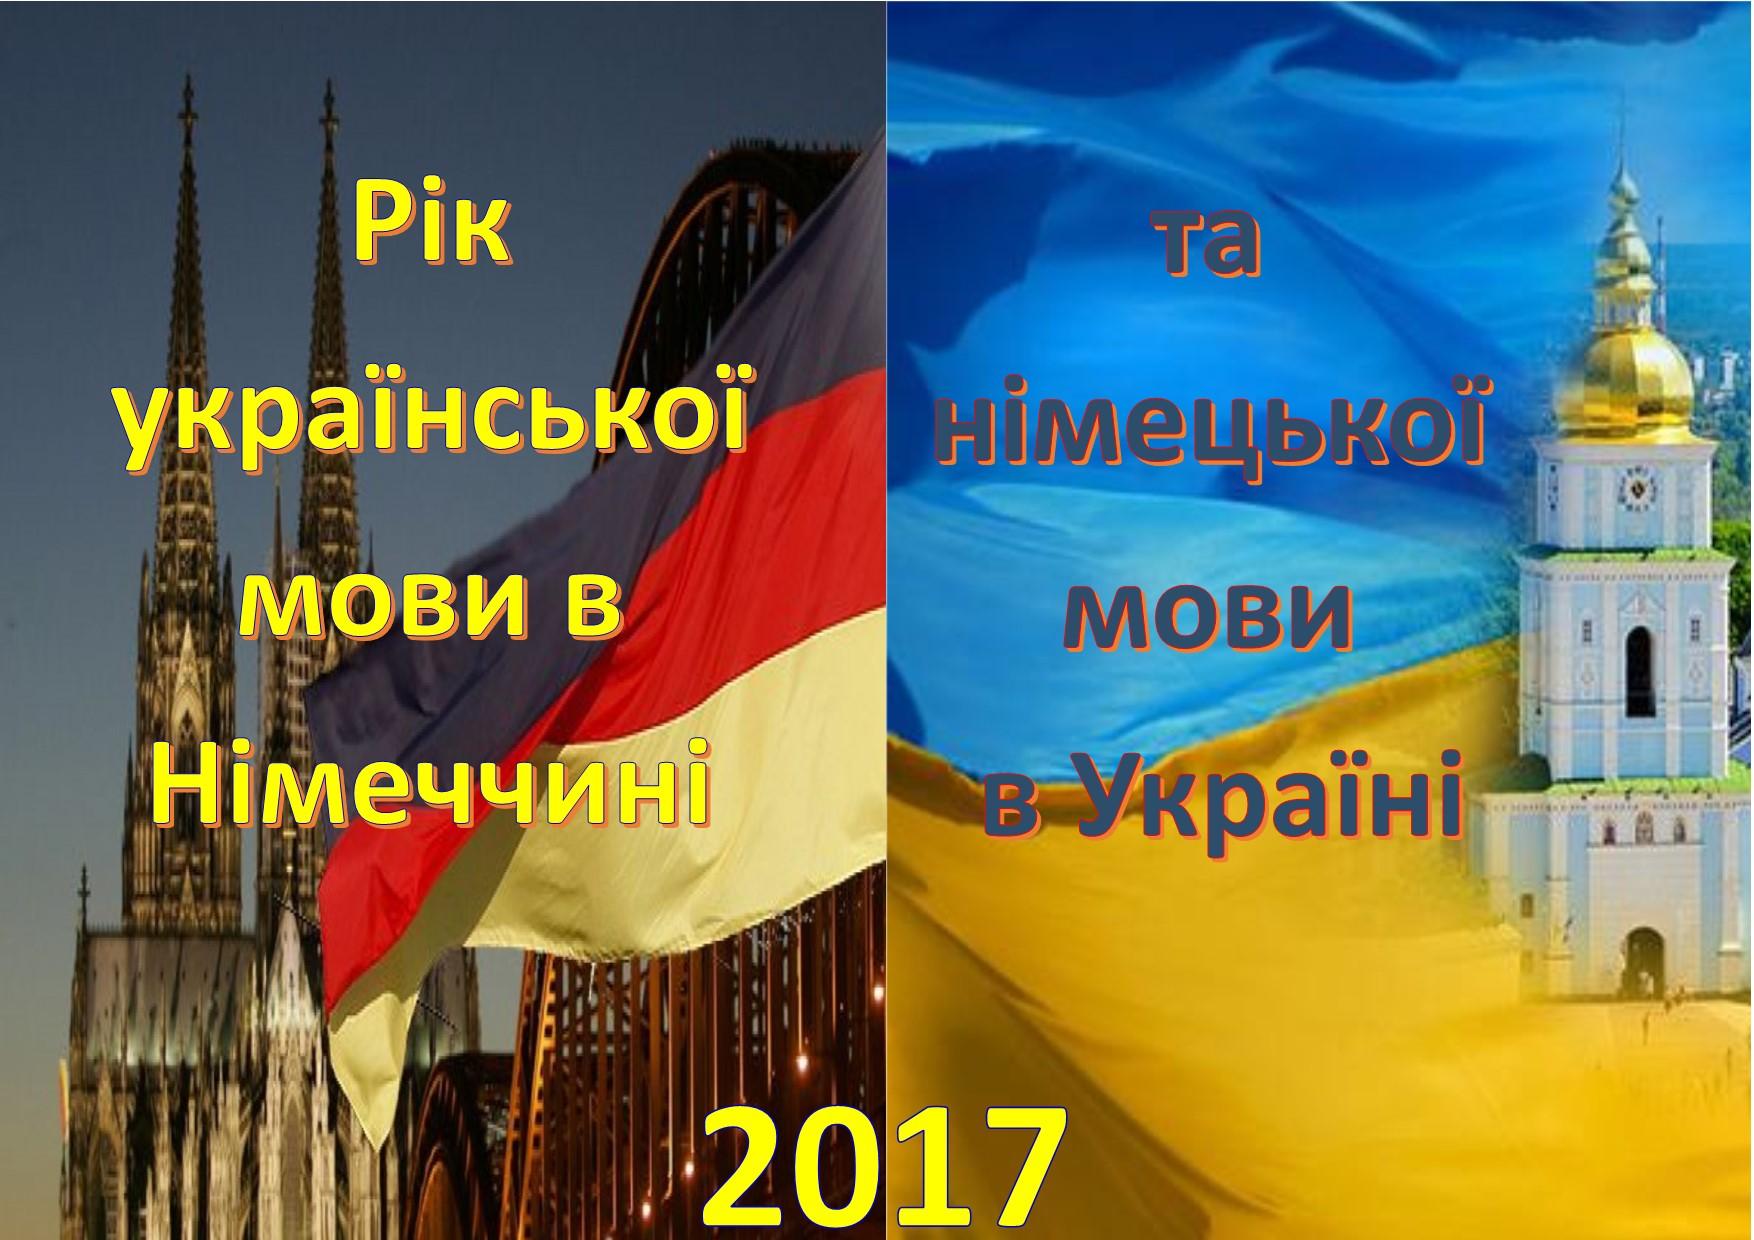 сова коп1я